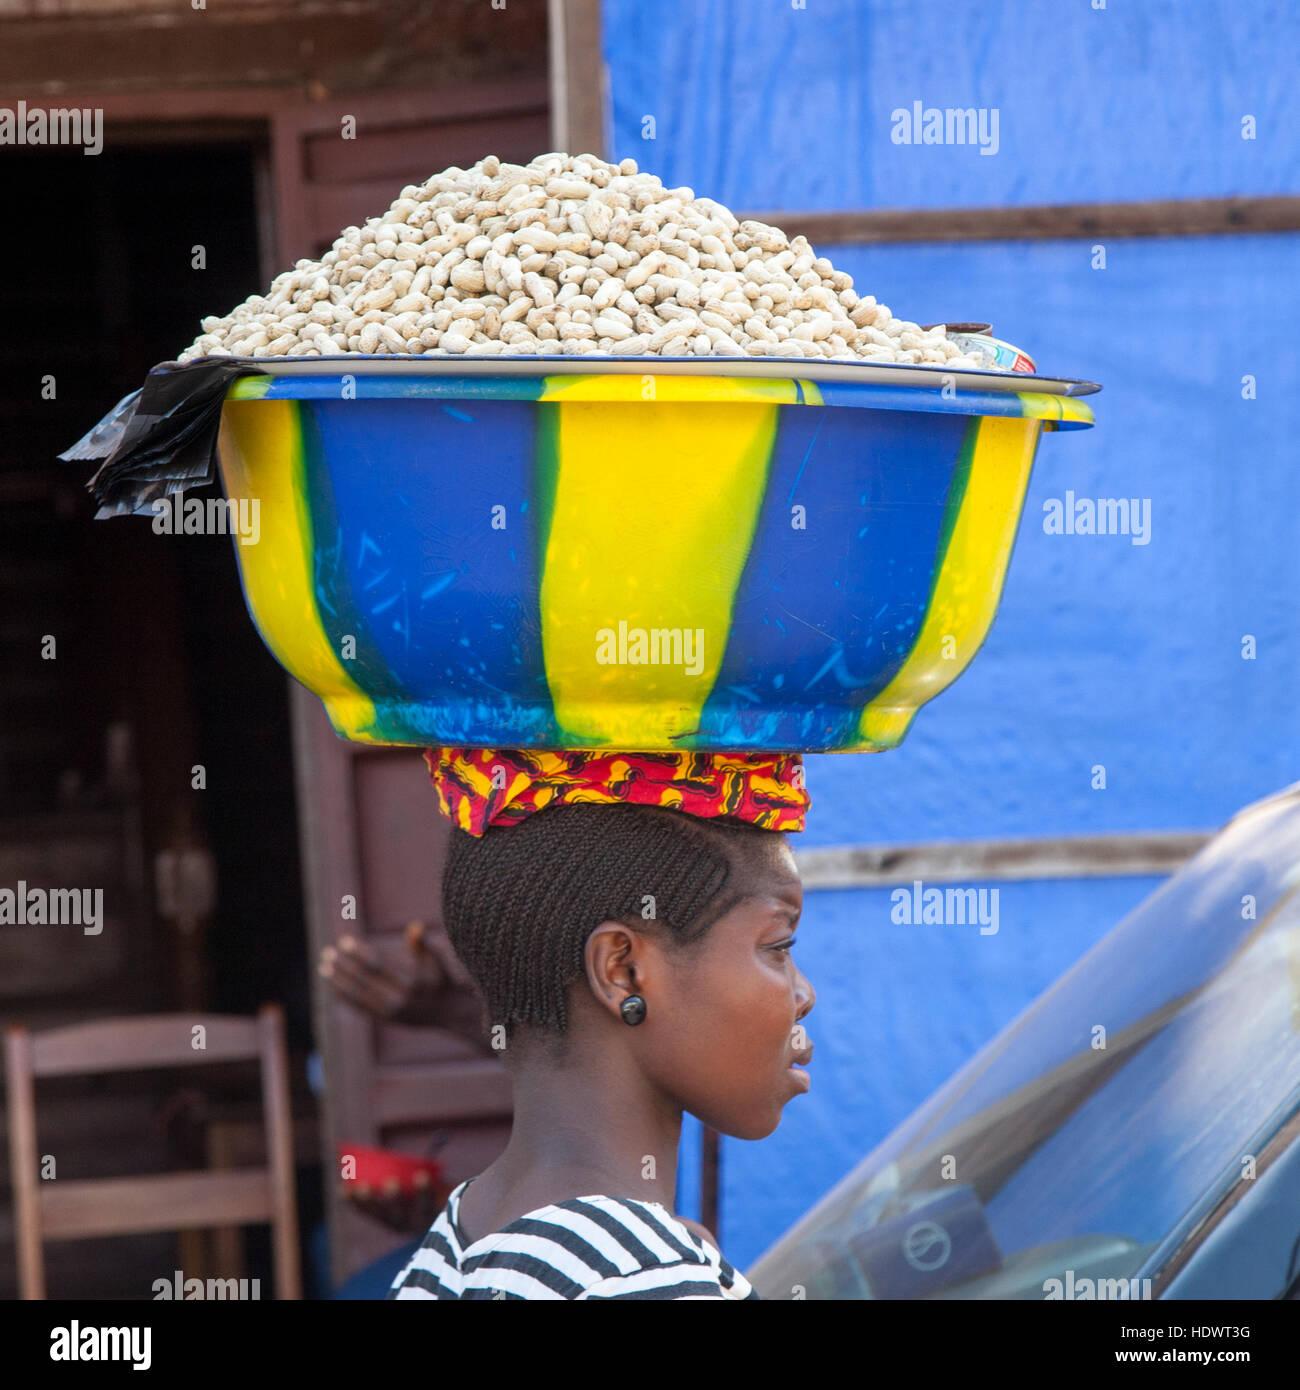 Afrikanische Frau trägt Schale mit Erdnüssen auf dem Kopf Stockfoto